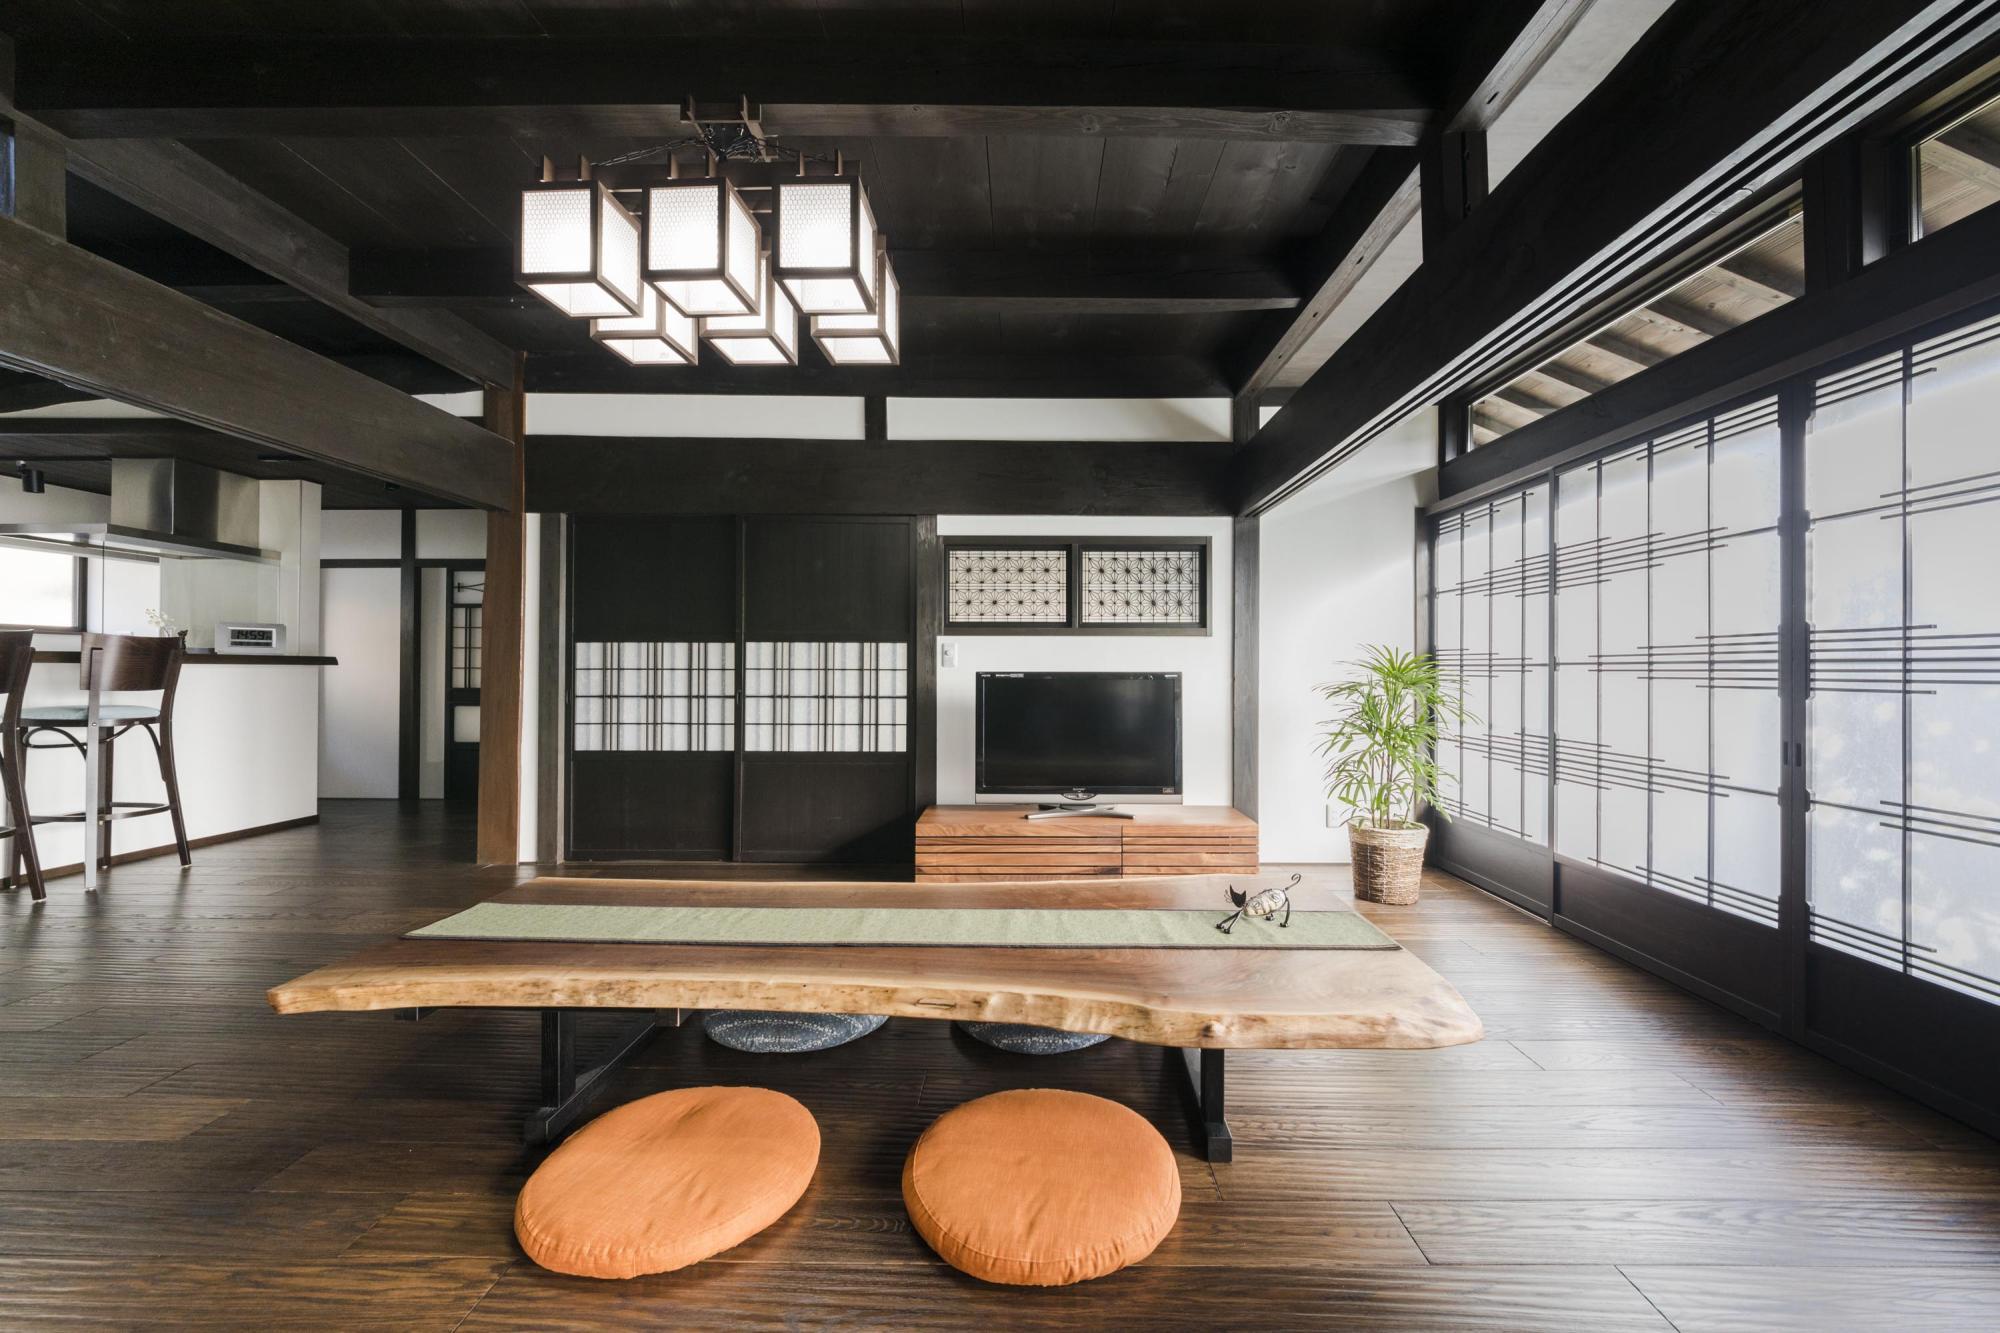 梁を現わしにしたリビングは和室だった部分をオーク材のなぐり調仕上げの板の間とした。壁面は温かさを感じる自然素材の珪藻土に。引き戸などの建具は既存のものを採用した。